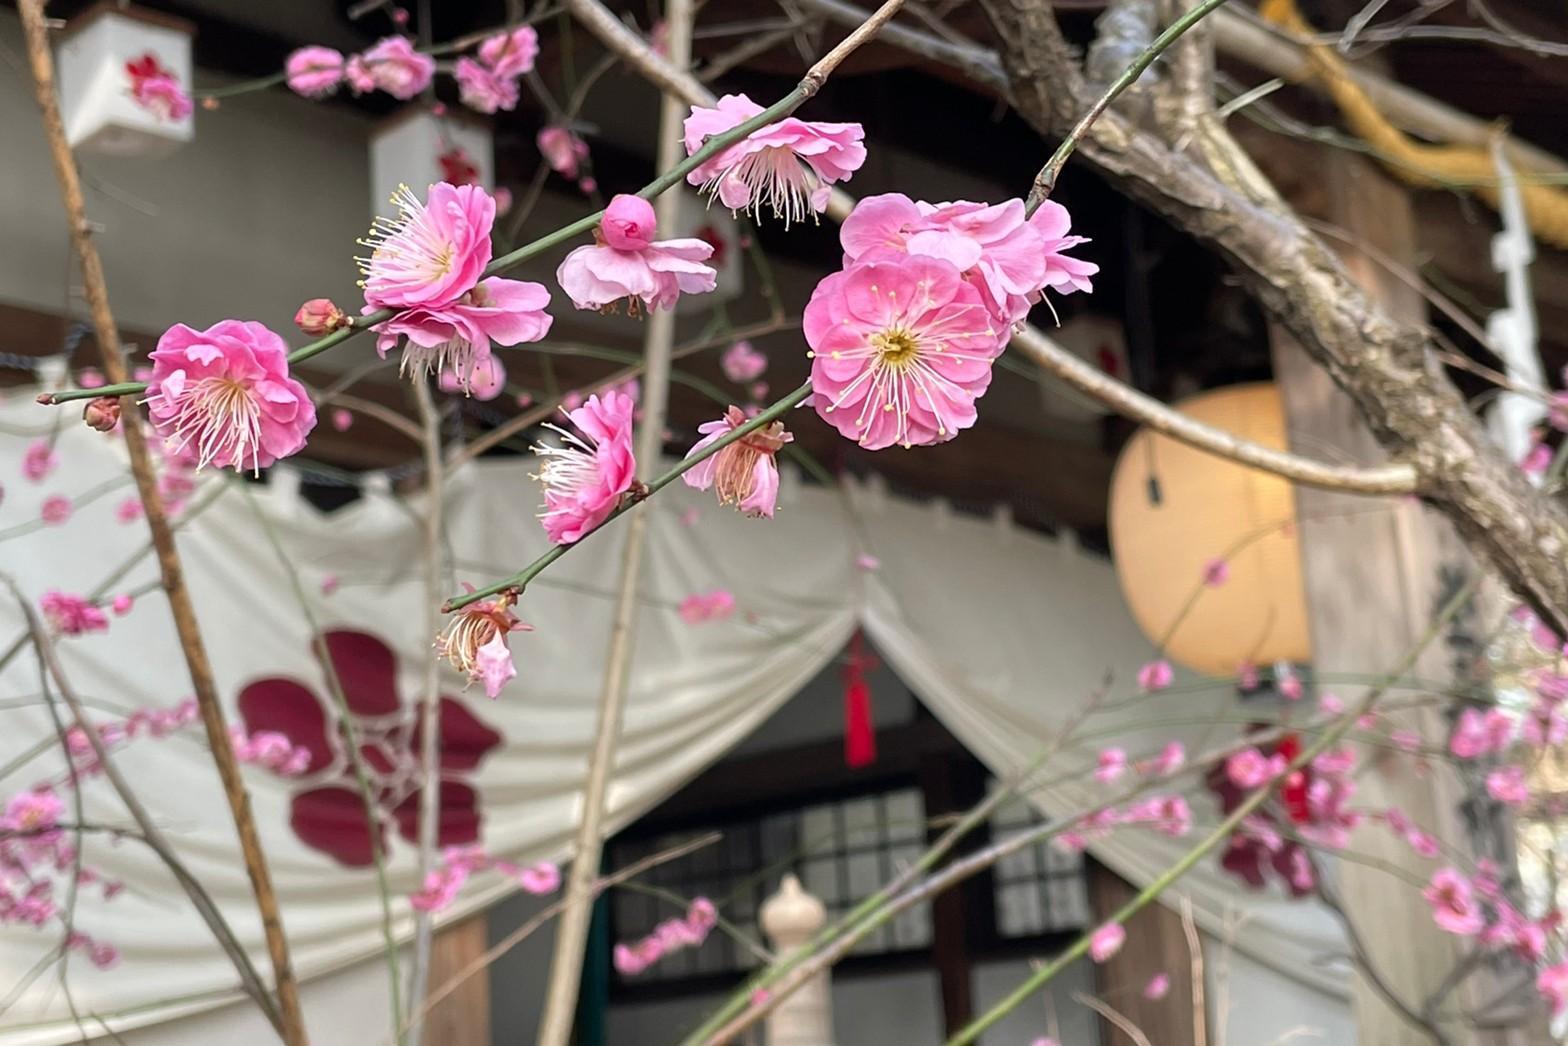 長崎市 松森神社(松森天満宮)の梅 春の気配-1